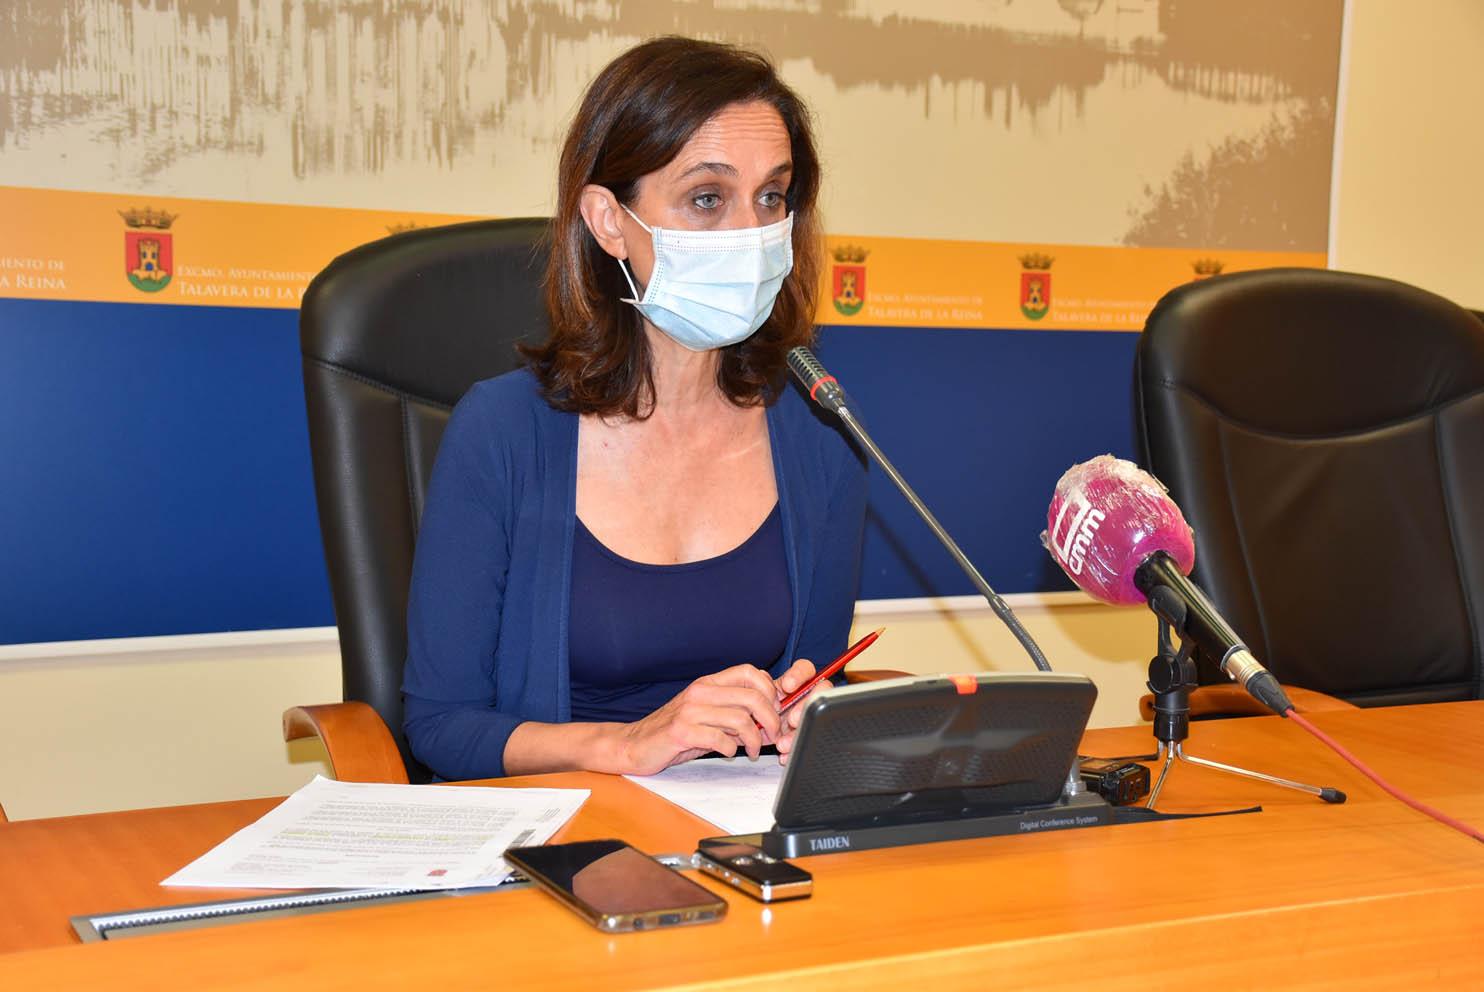 La portavoz del gobierno local, de Talavera, Flora Bellón